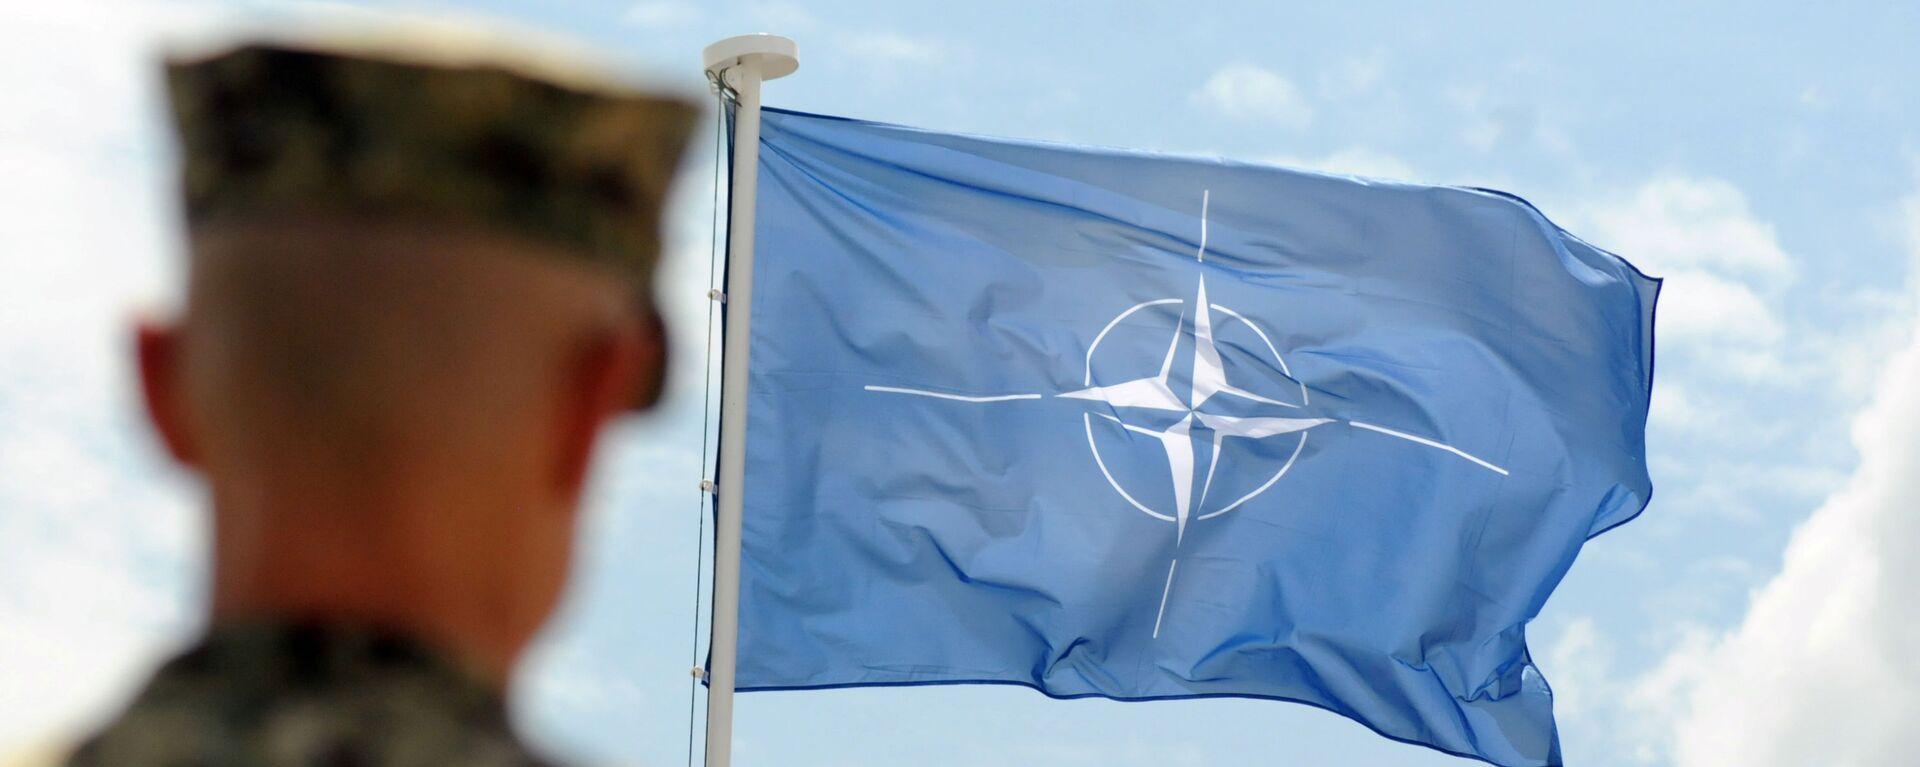 Vlajka NATO - Sputnik Česká republika, 1920, 07.05.2021